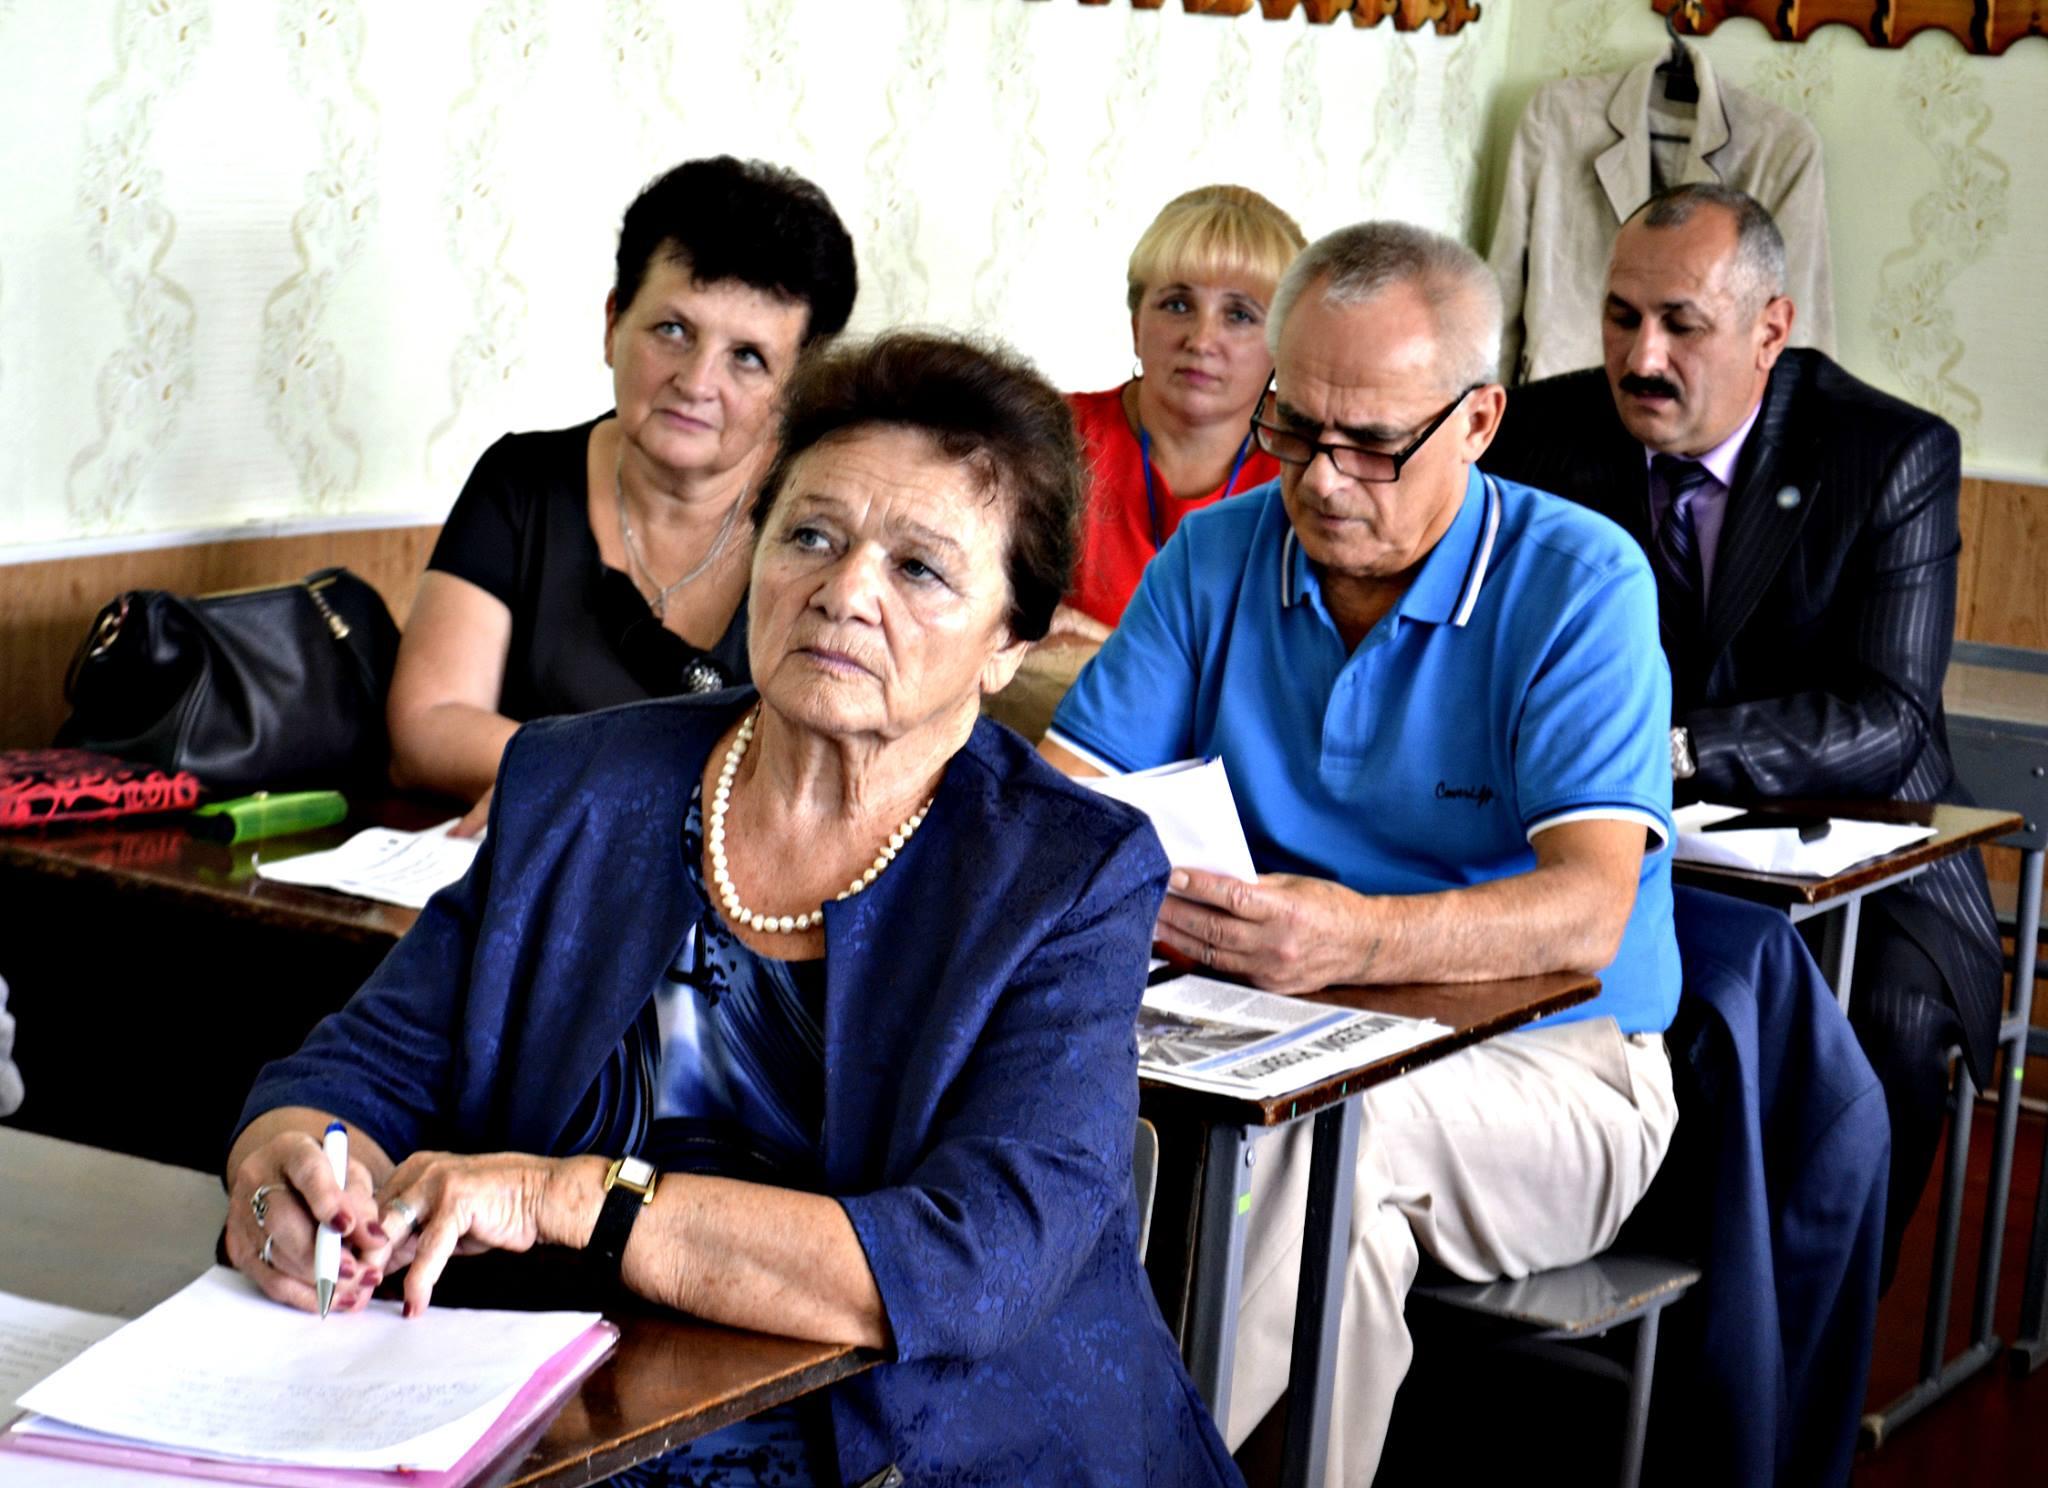 Сьогодні кропивницькі педагоги зустрінуться з президентом Петром Порошенком